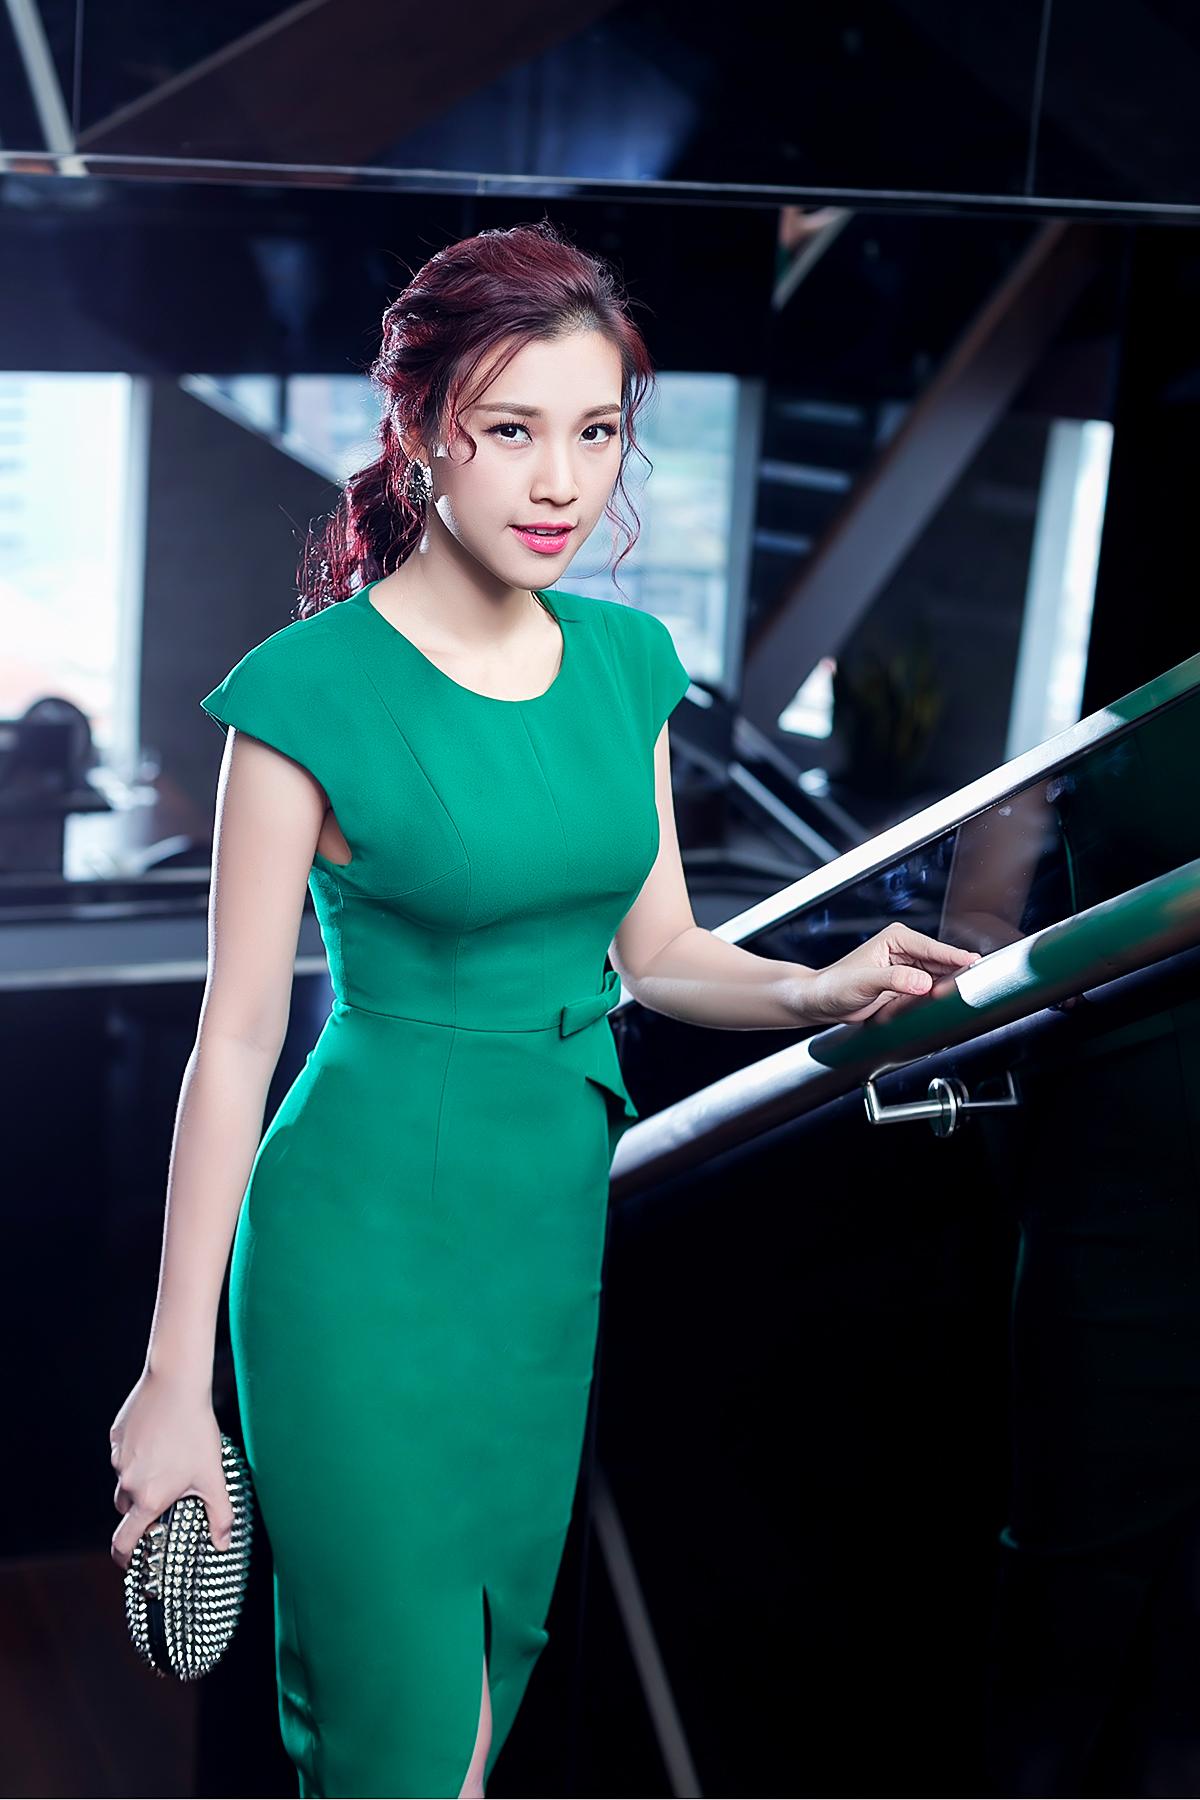 Á hậu Hoàng Oanh khoe nét đẹp gợi cảm 'khó cưỡng' 8